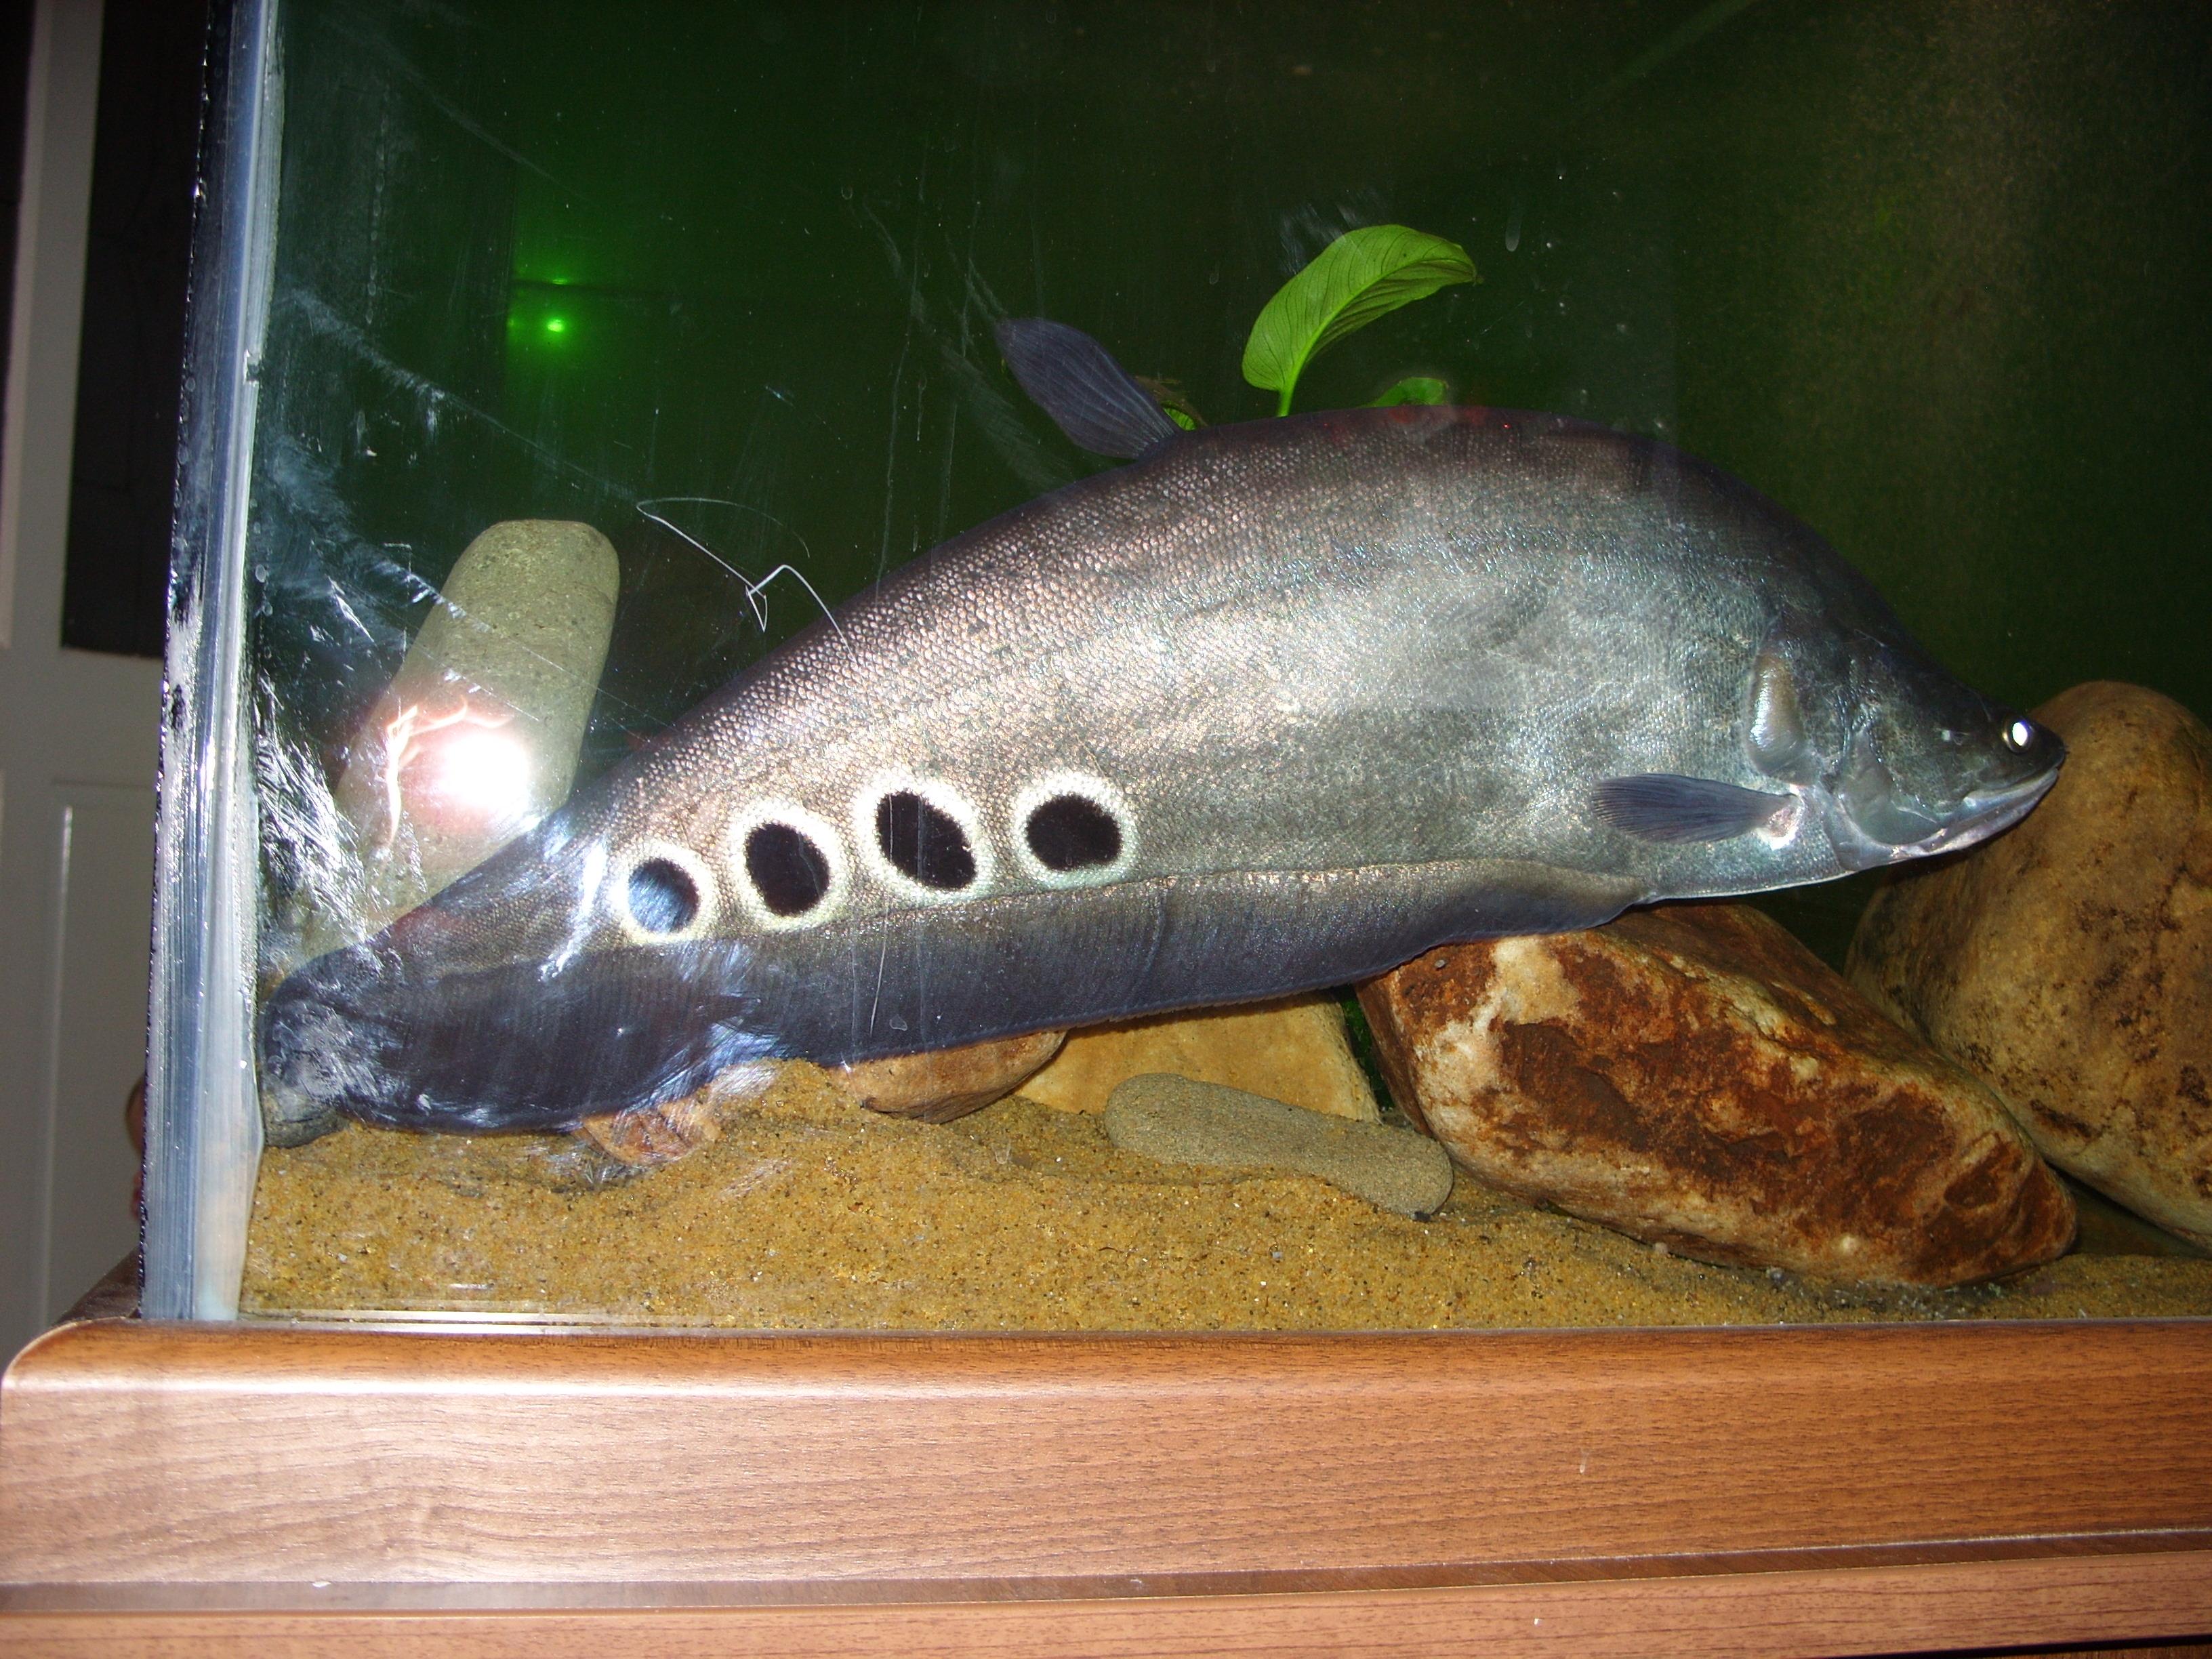 clown knife fish again